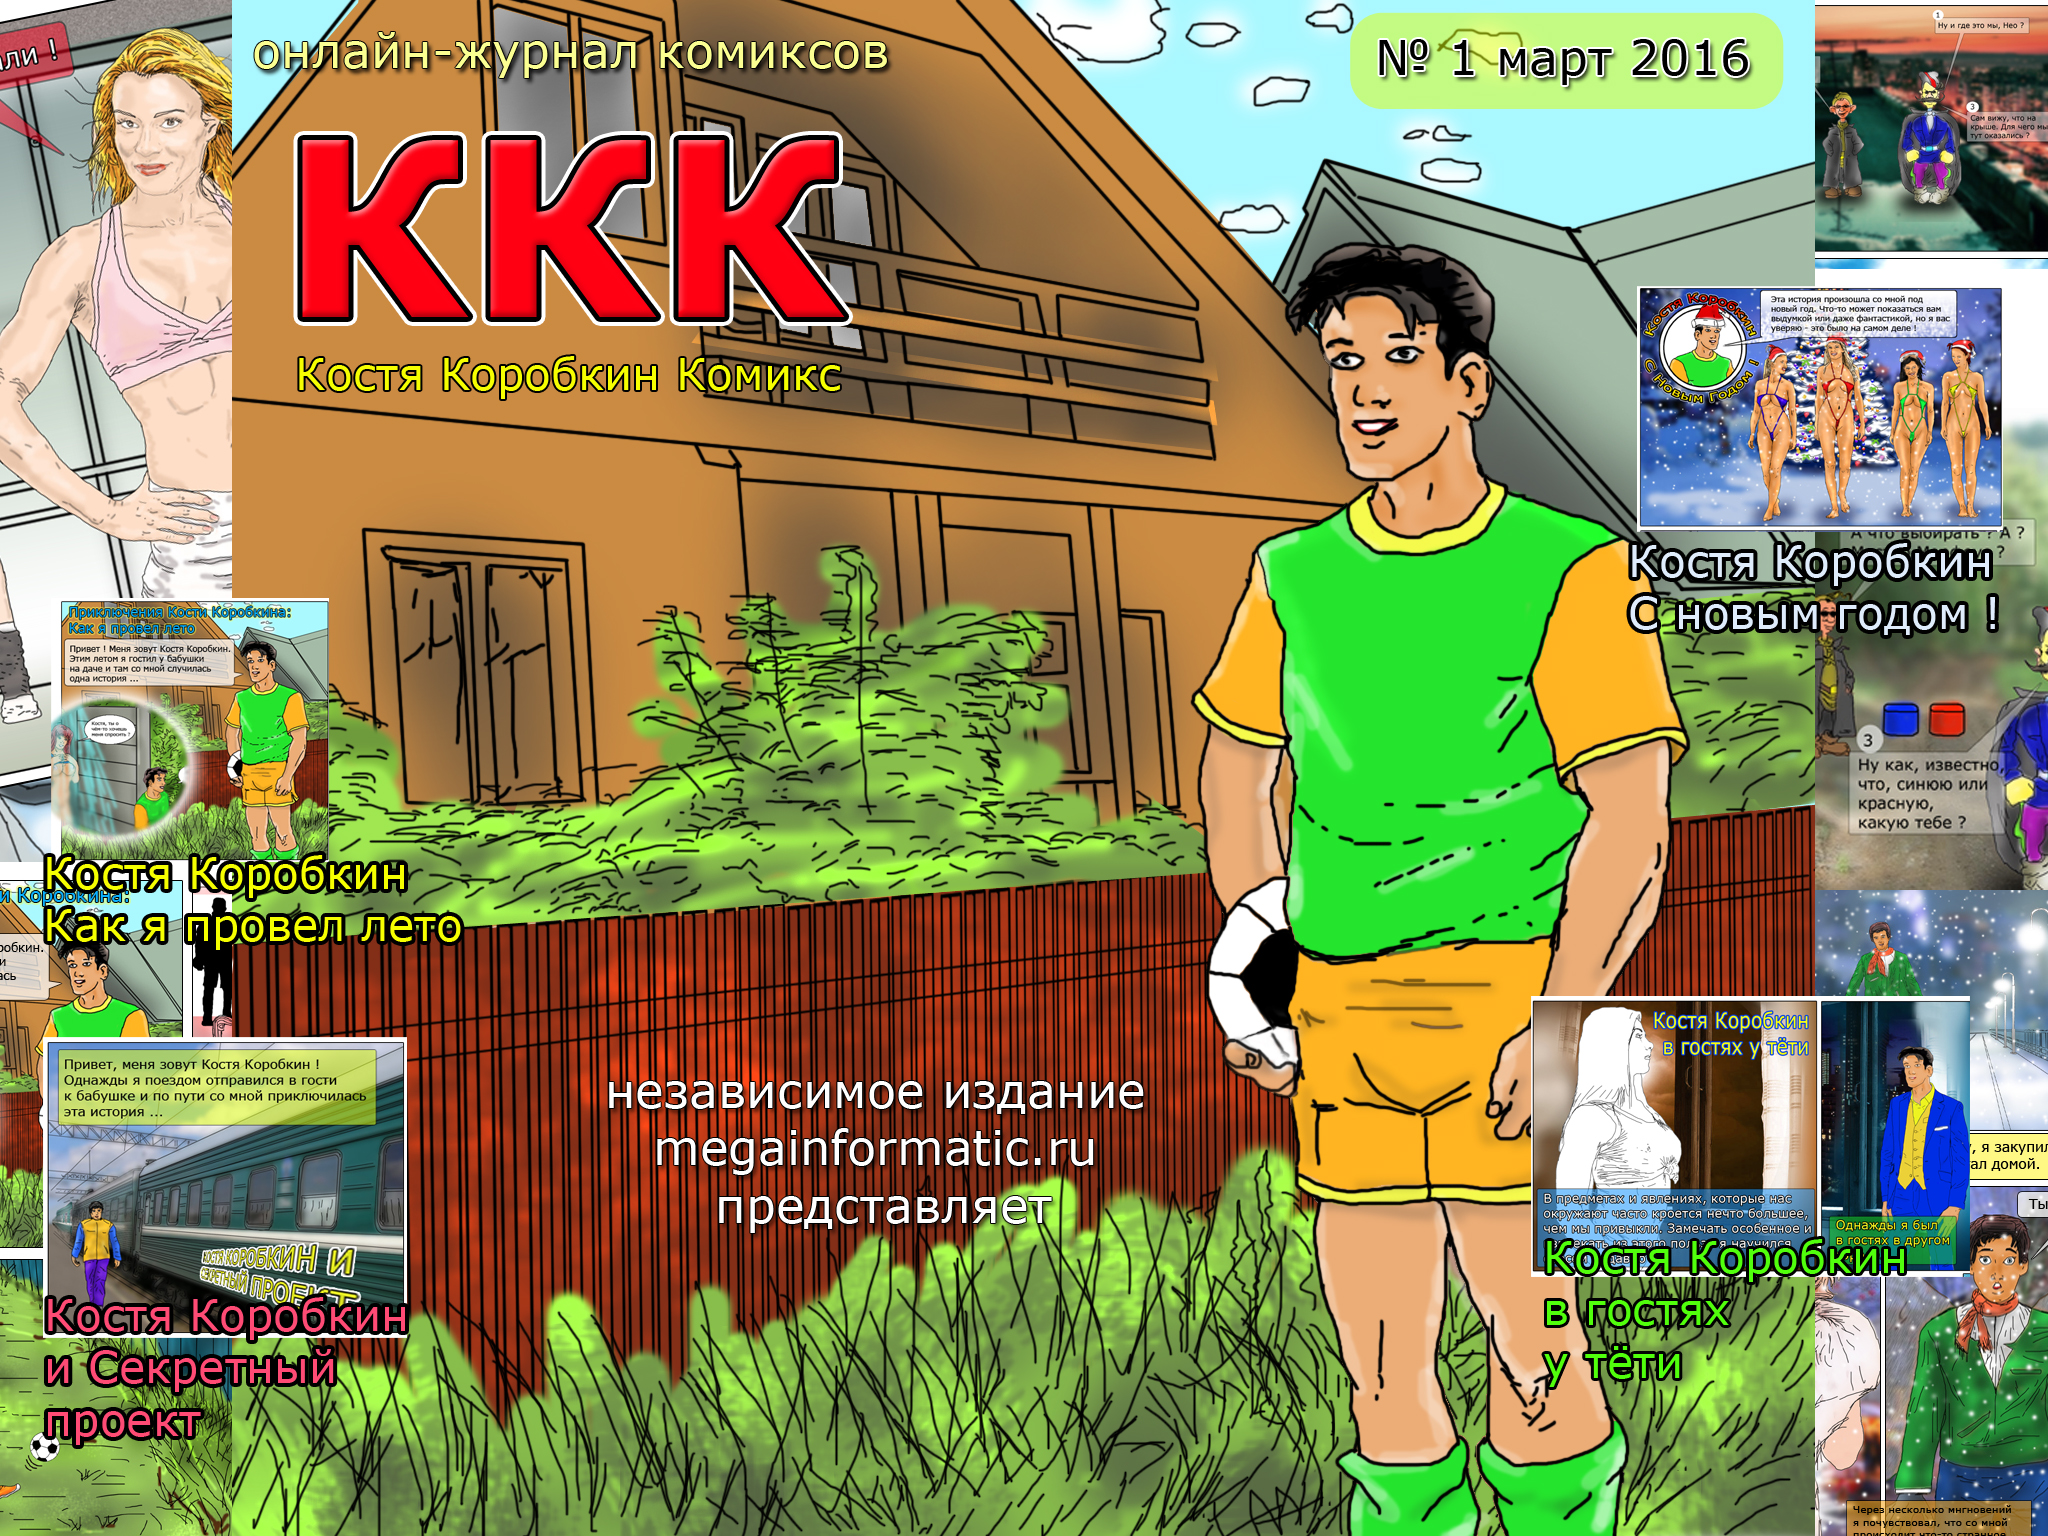 первый независимый онлайн-журнал комиксов ККК Костя Коробкин Комикс номер 1 март 2016